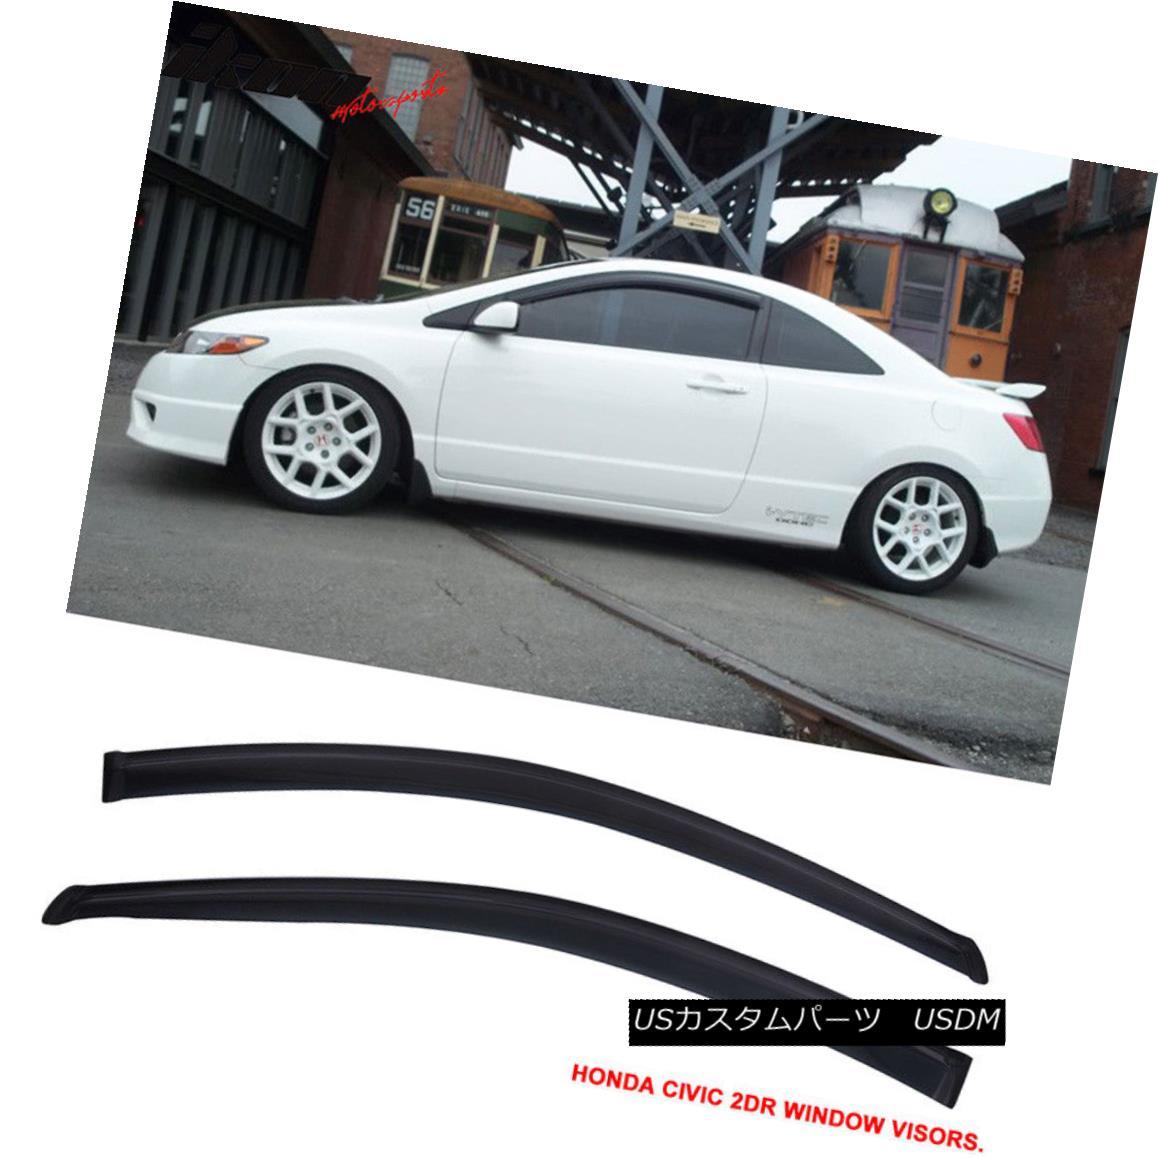 エアロパーツ Fits 06-11 Honda Civic Coupe Acrylic Window Visors 2Pc Set フィット06-11ホンダシビッククーペアクリル窓バイザー2PCセット